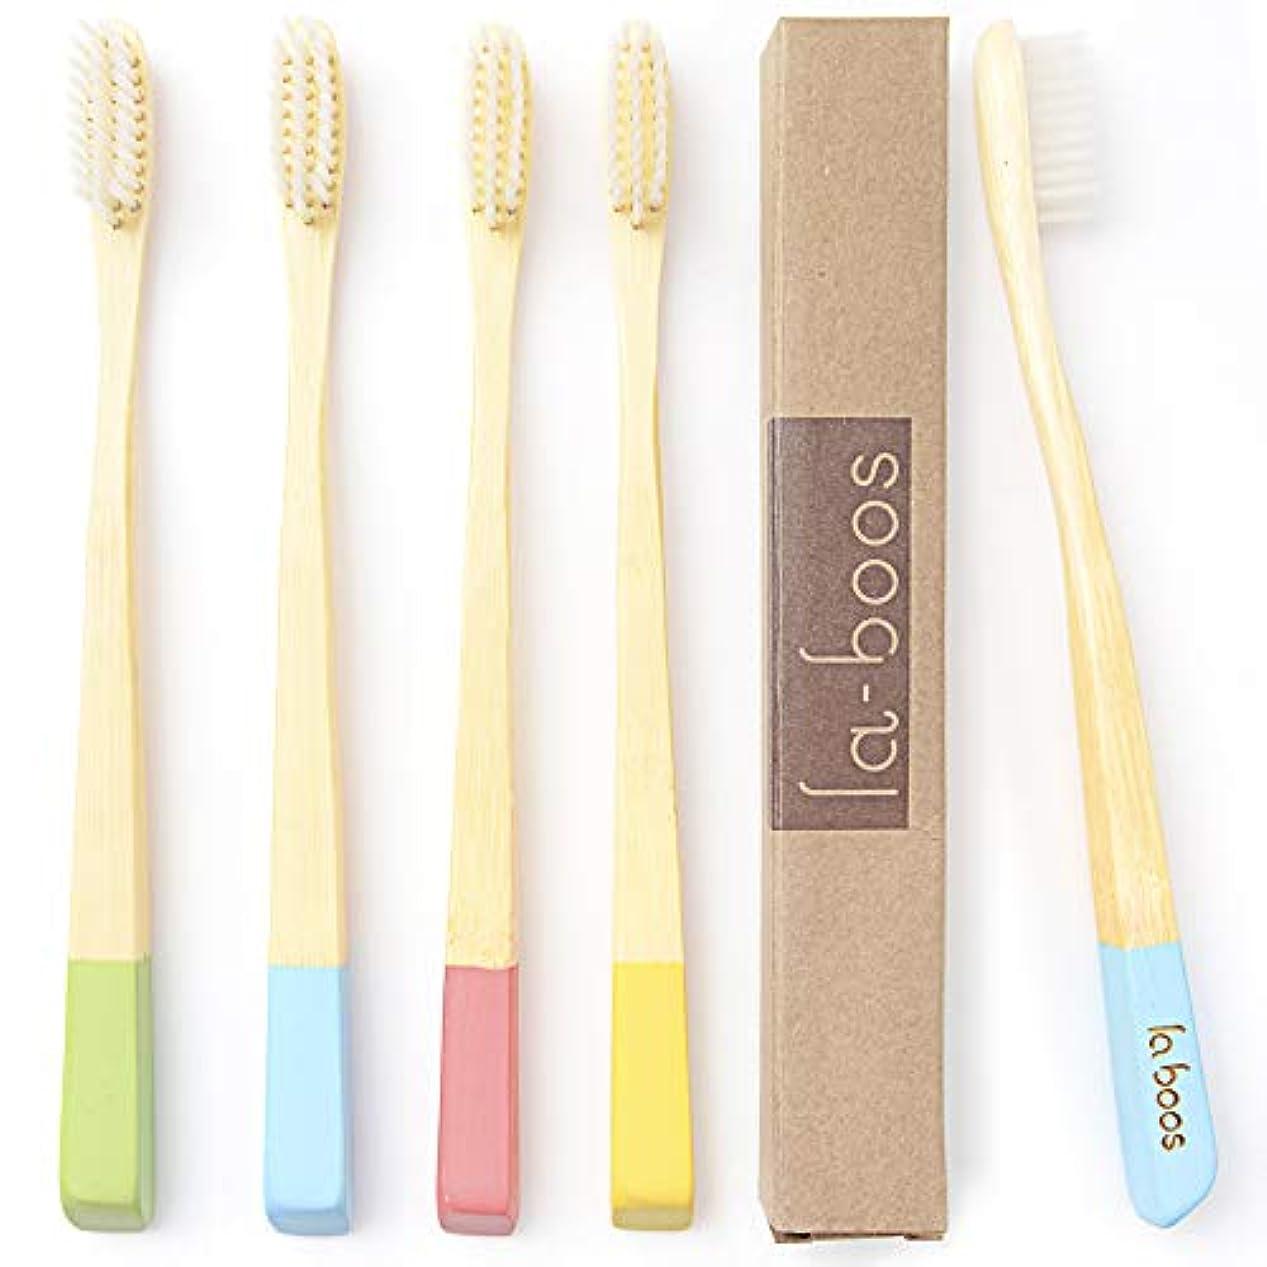 大人用竹の歯ブラシ ナイロン毛 環境保護の歯ブラシ【台湾製】(4本入りセット)I By laboos